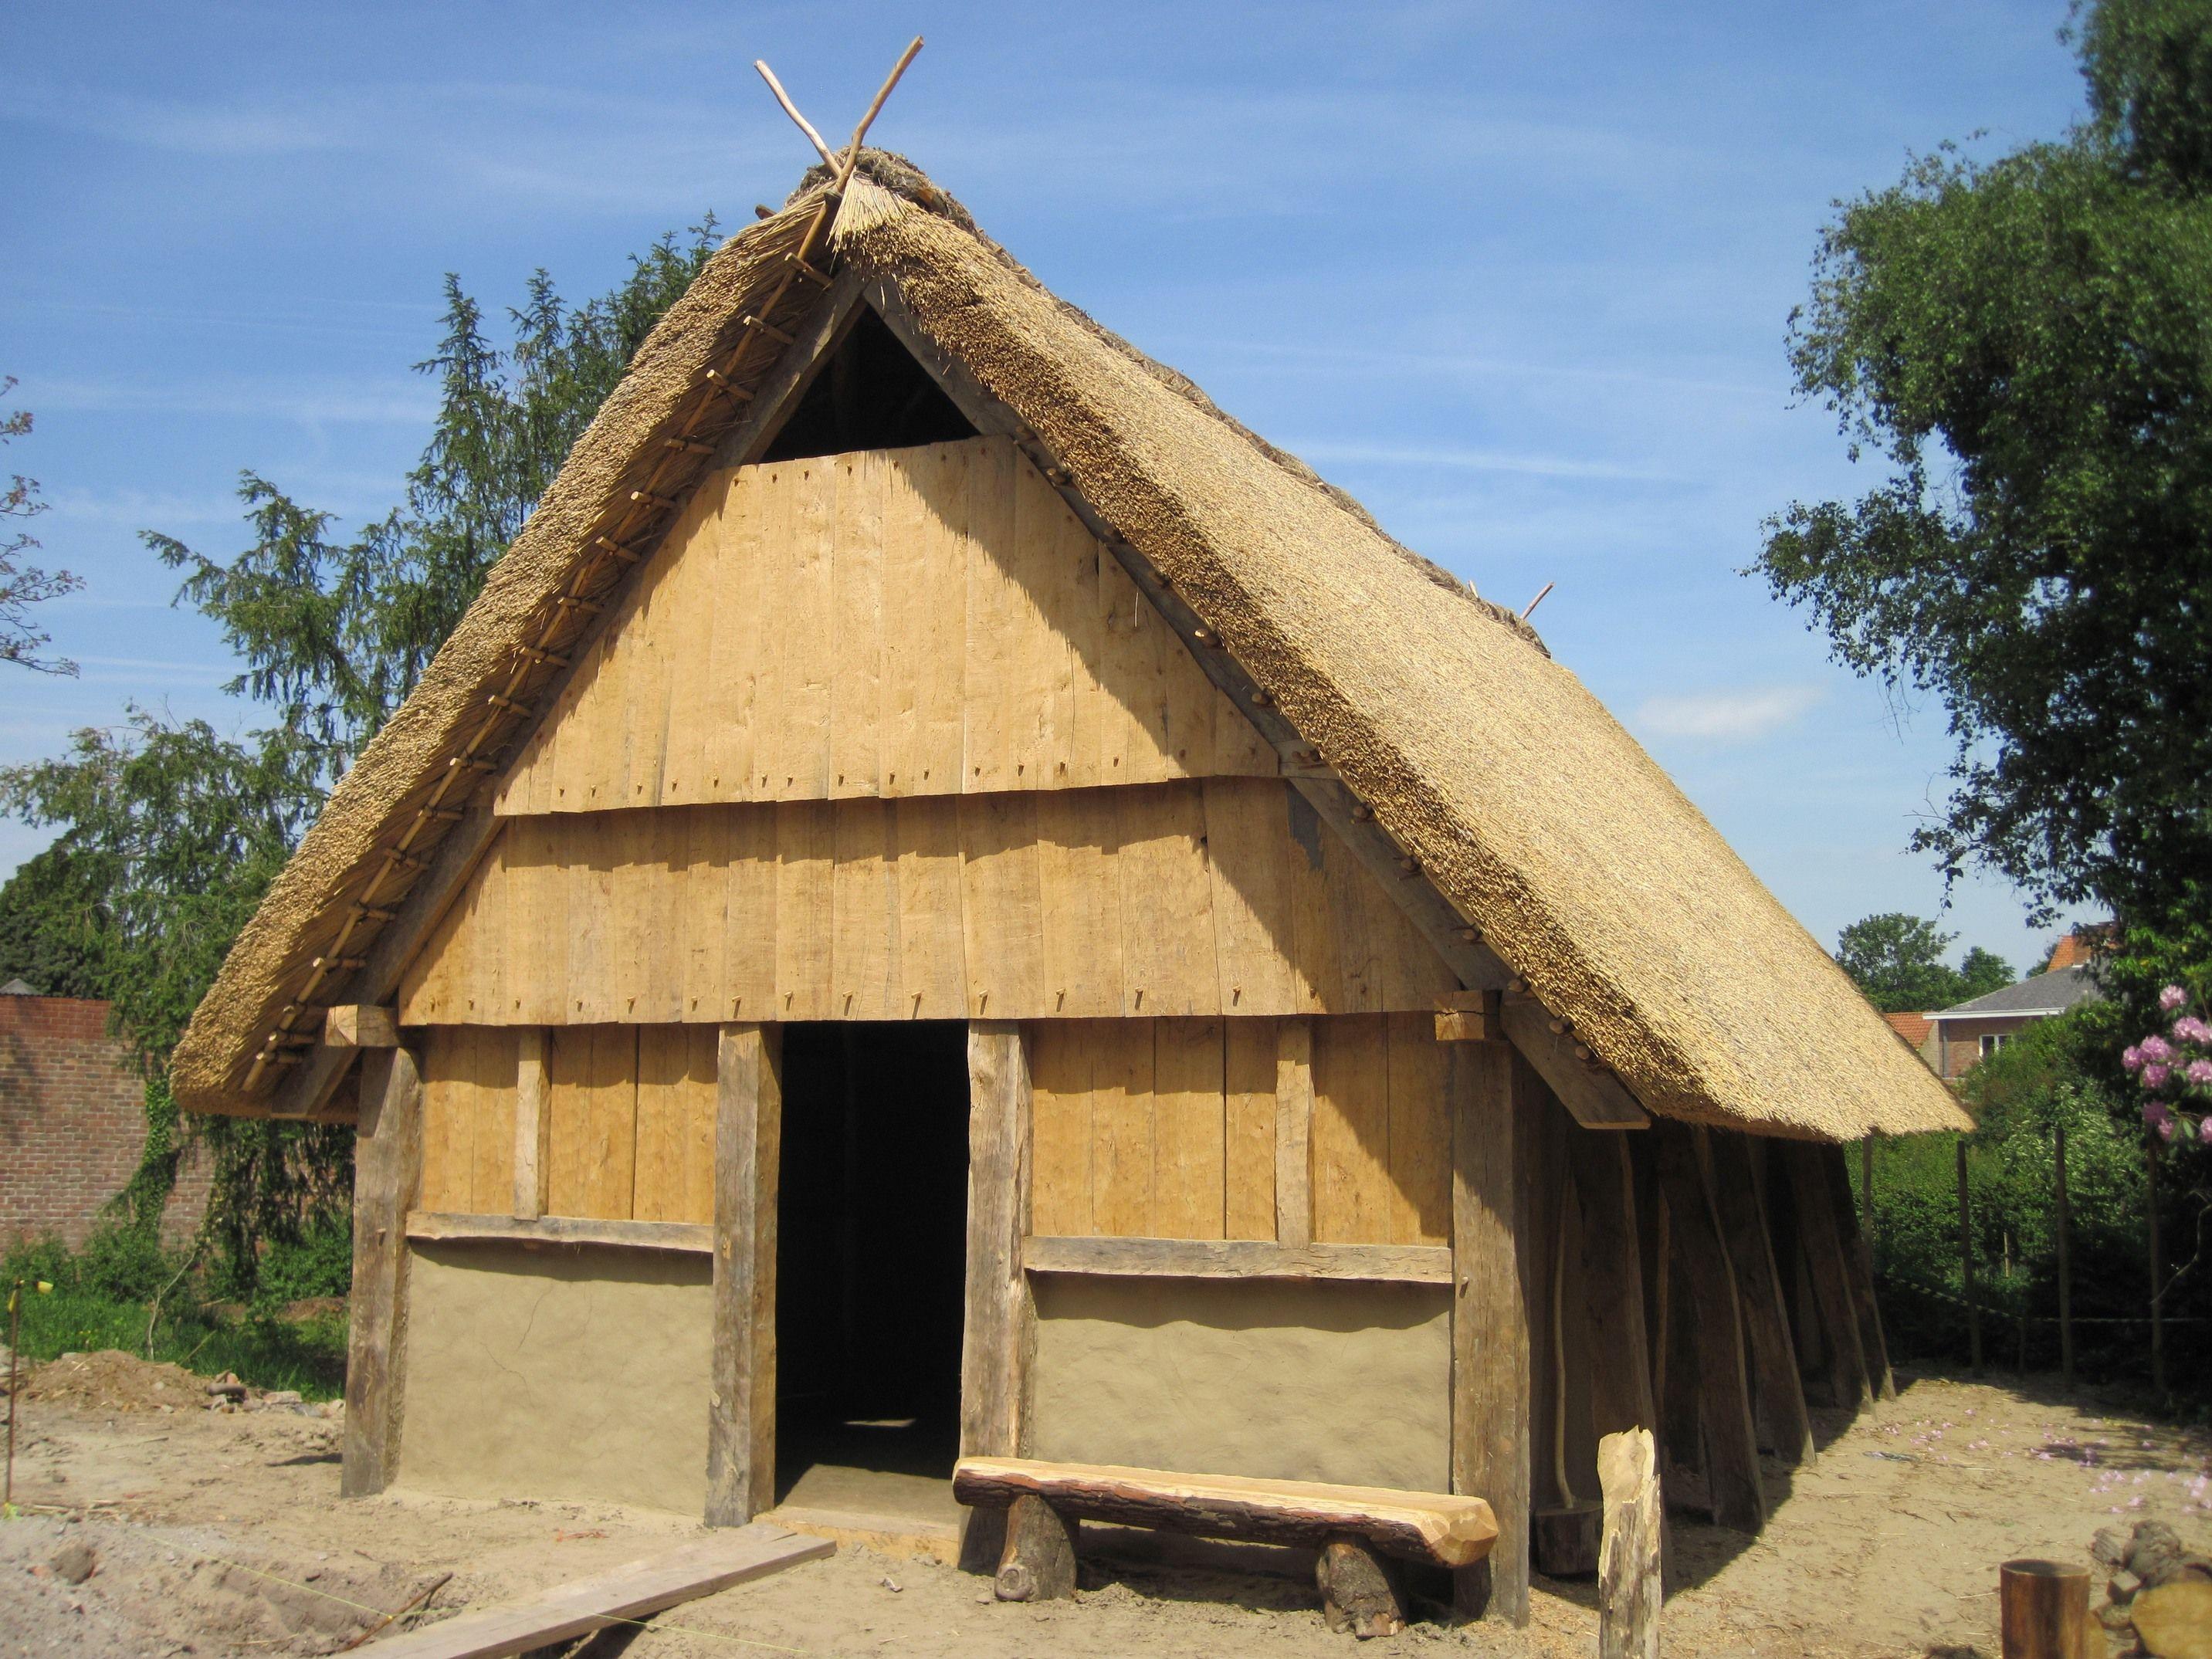 In de Pastoriestraat te Sint Andries/Brugge is een opgegraven merovingisch huis van een vergelijkbare constructie als de boerderij van Serooskerke herbouwd (foto Raakvlak, Brugge).